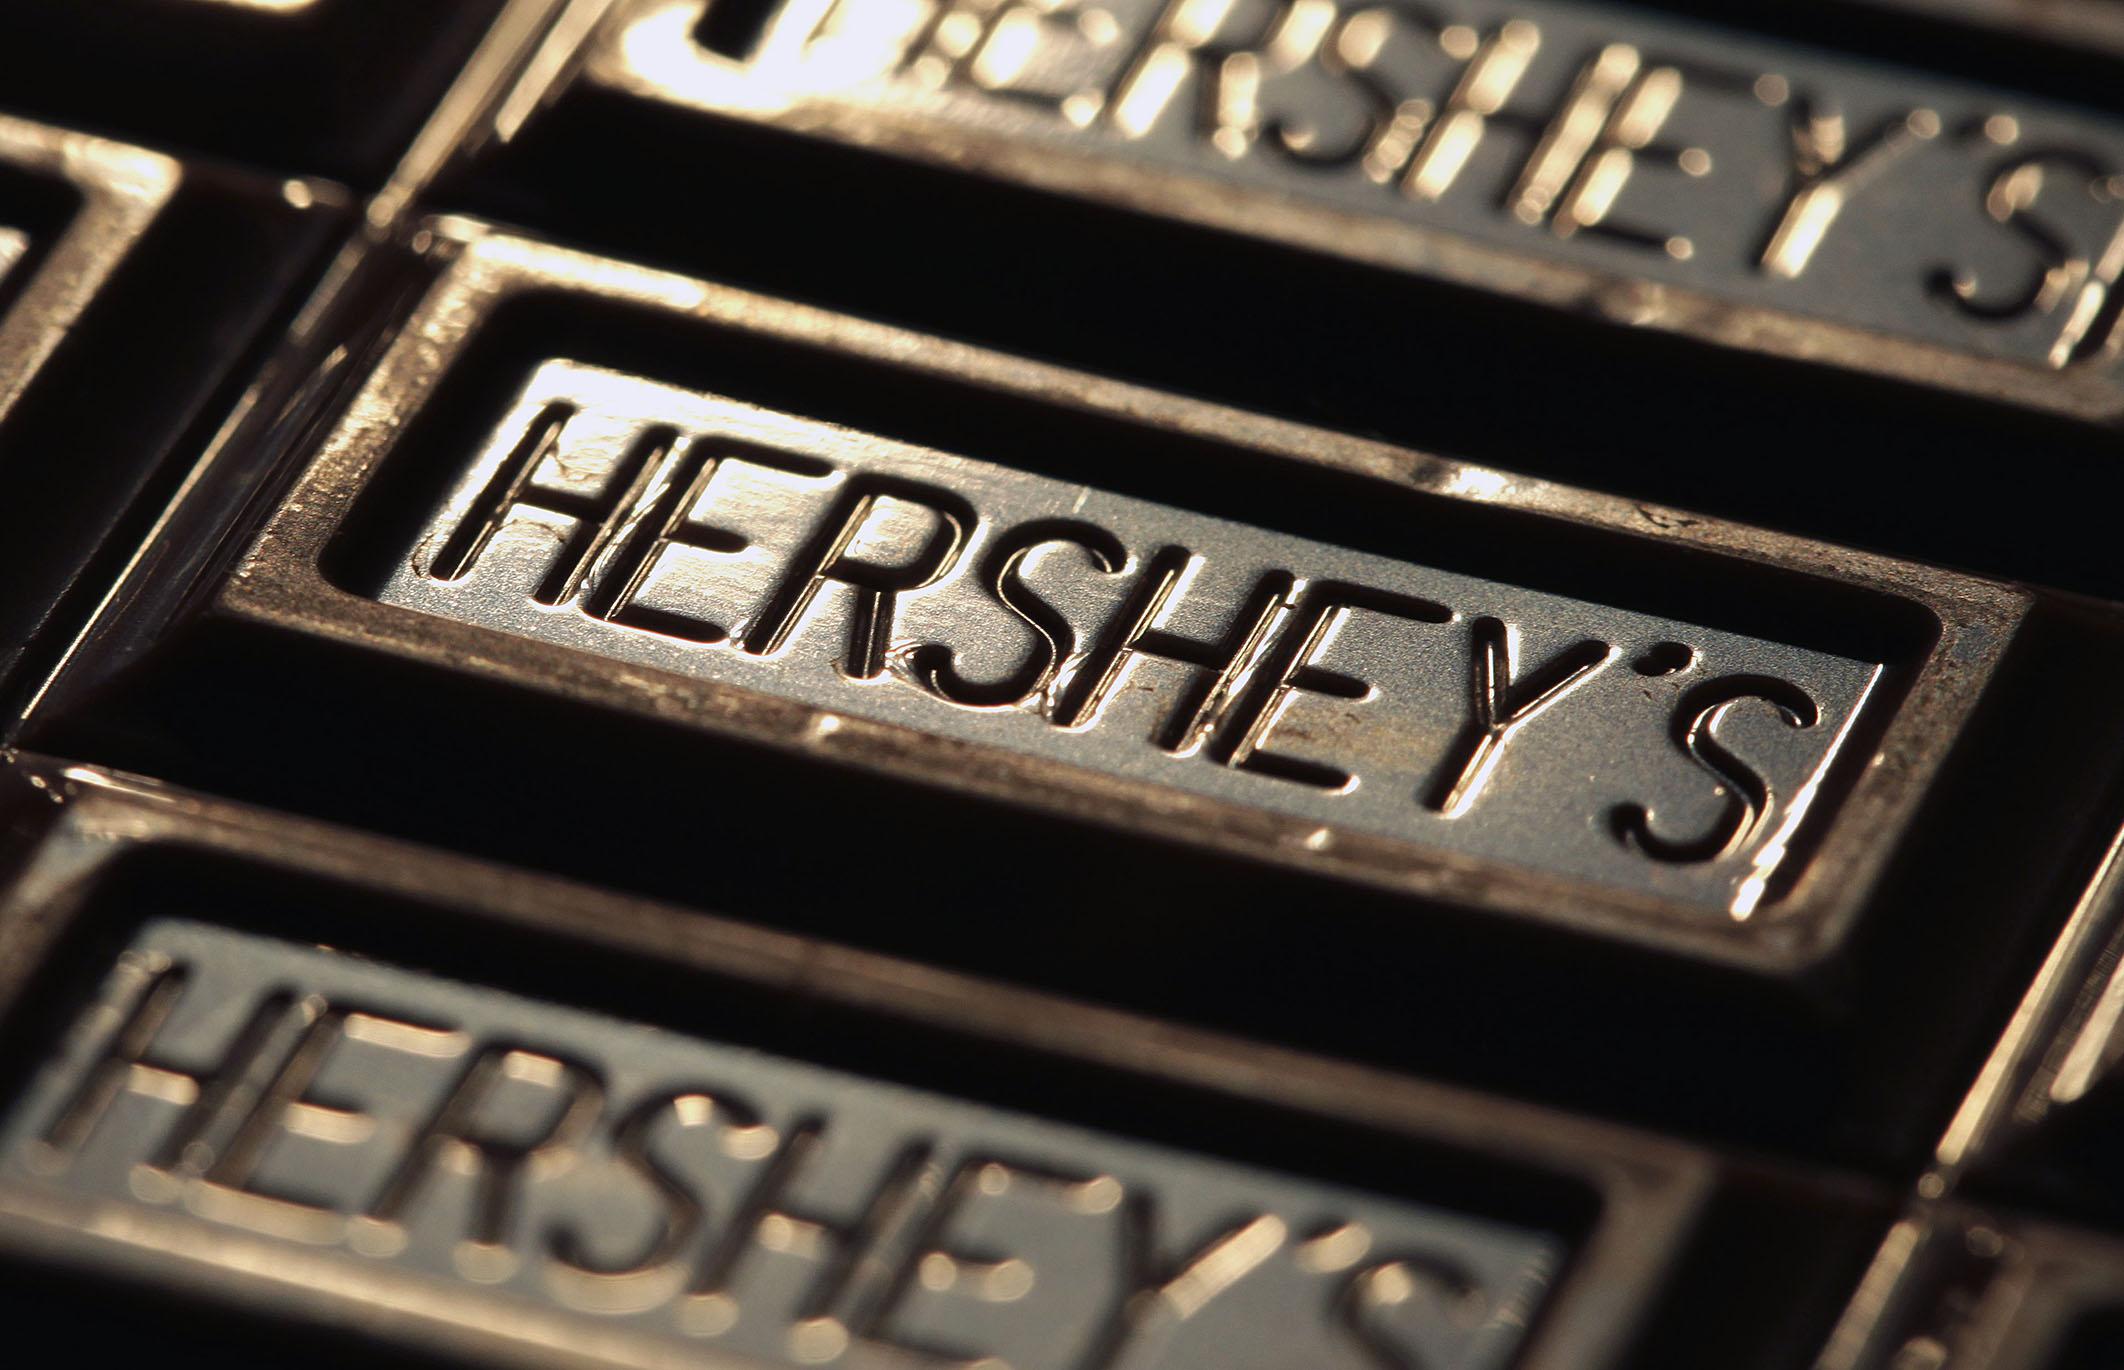 Hershey's chocolate.